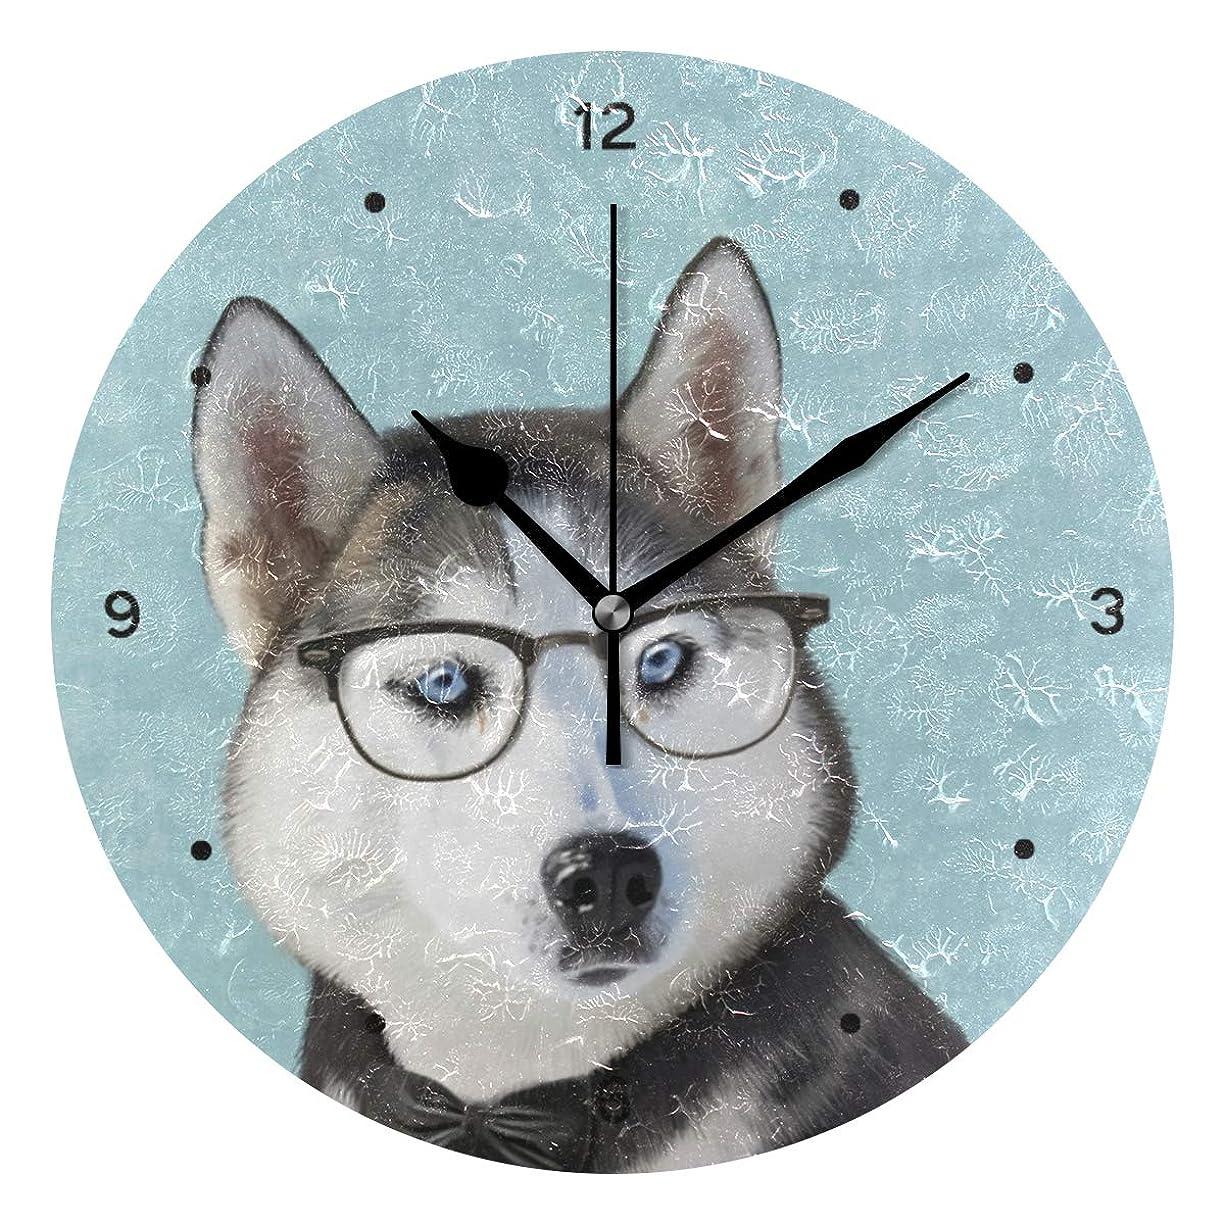 無一文オアシス率直なインテリア 掛け時計 サイレント キッズ 子供 部屋 簡単 水色 ペット 犬 かわいいシベリアン-ハスキー 柄 子供 置き時計 おしゃれ 北欧 時計 壁掛け 連続秒針 電池式 [並行輸入品]